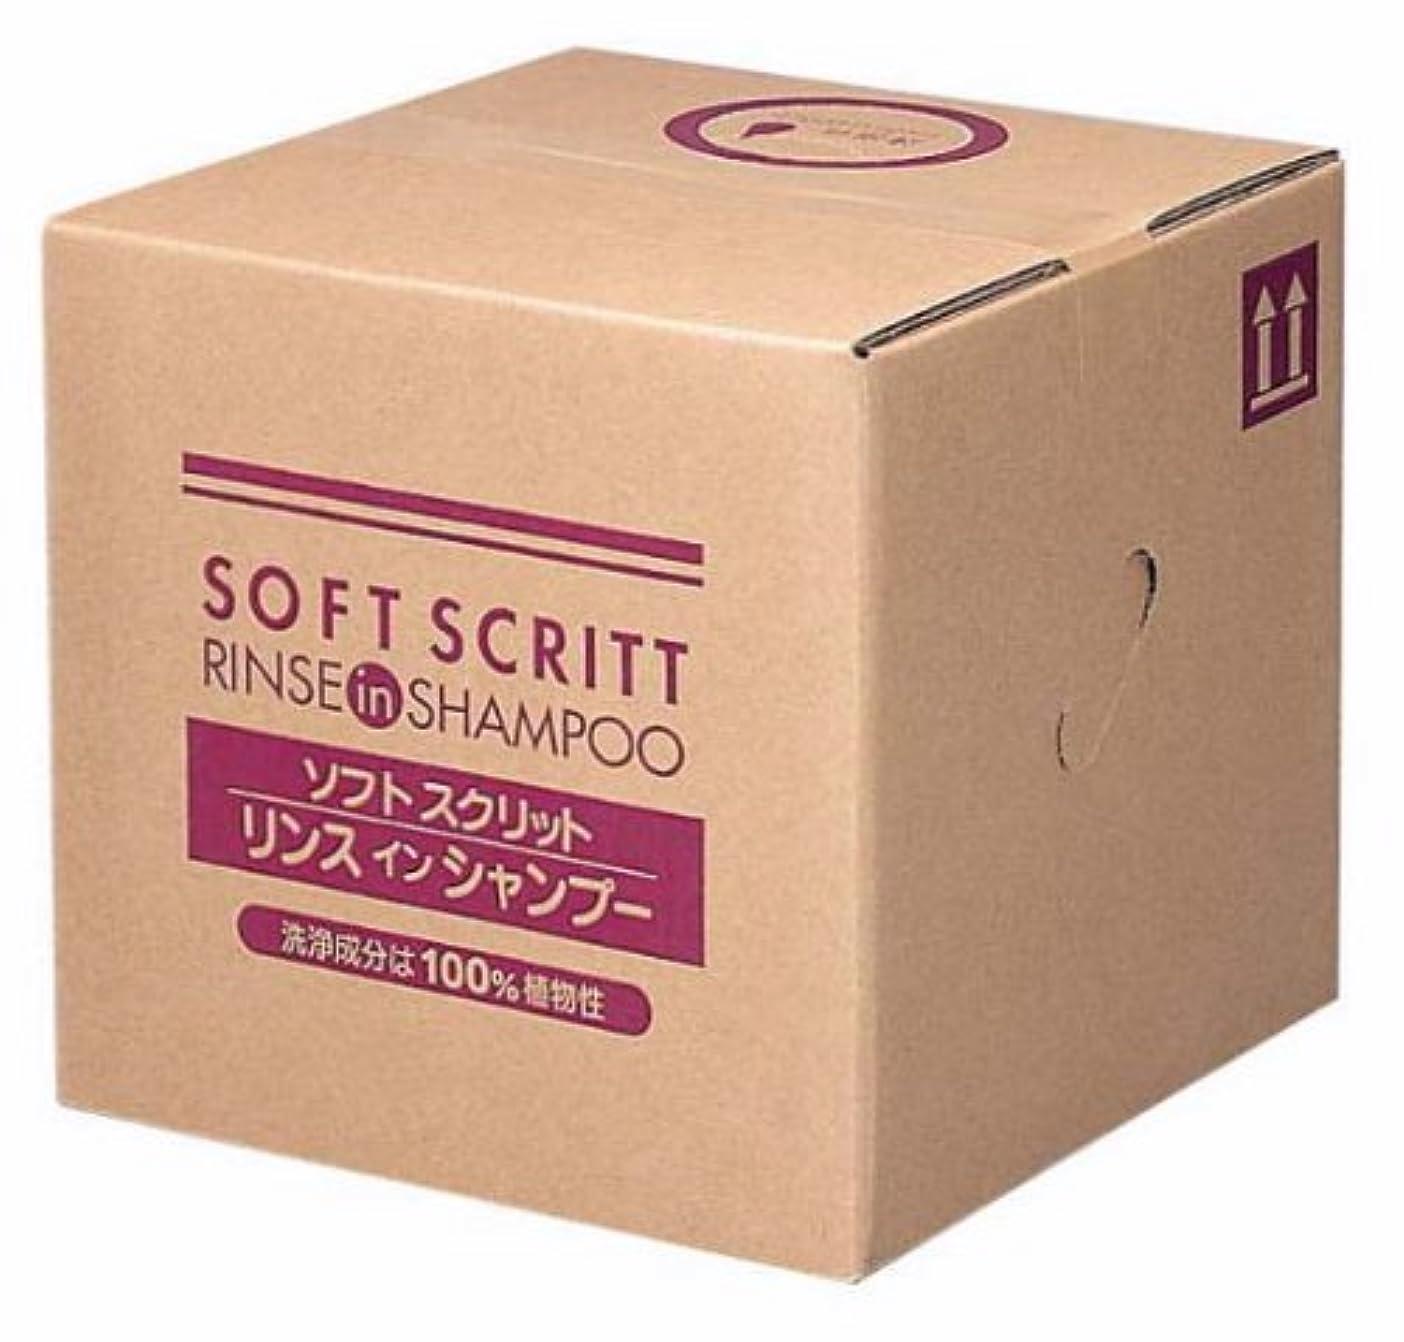 後世スモッグ軍艦熊野油脂 業務用 SOFT SCRITT(ソフト スクリット) リンスインシャンプー 18L